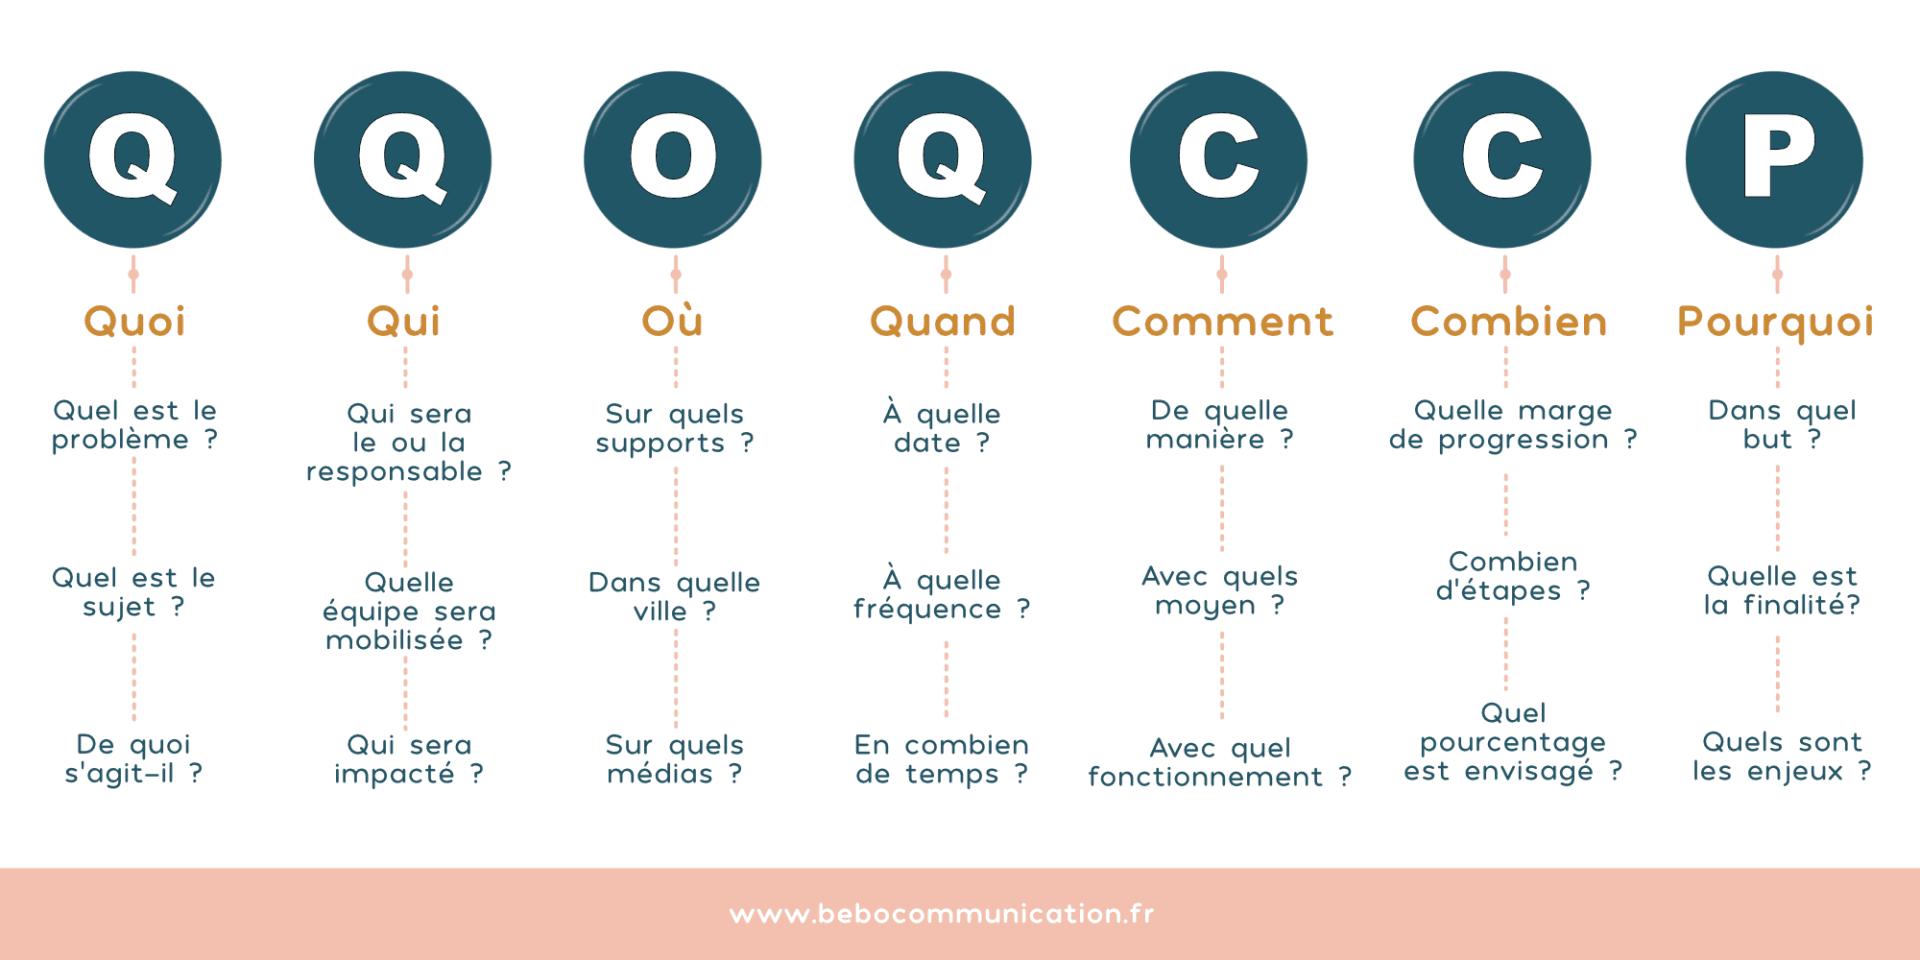 QQOQCCP